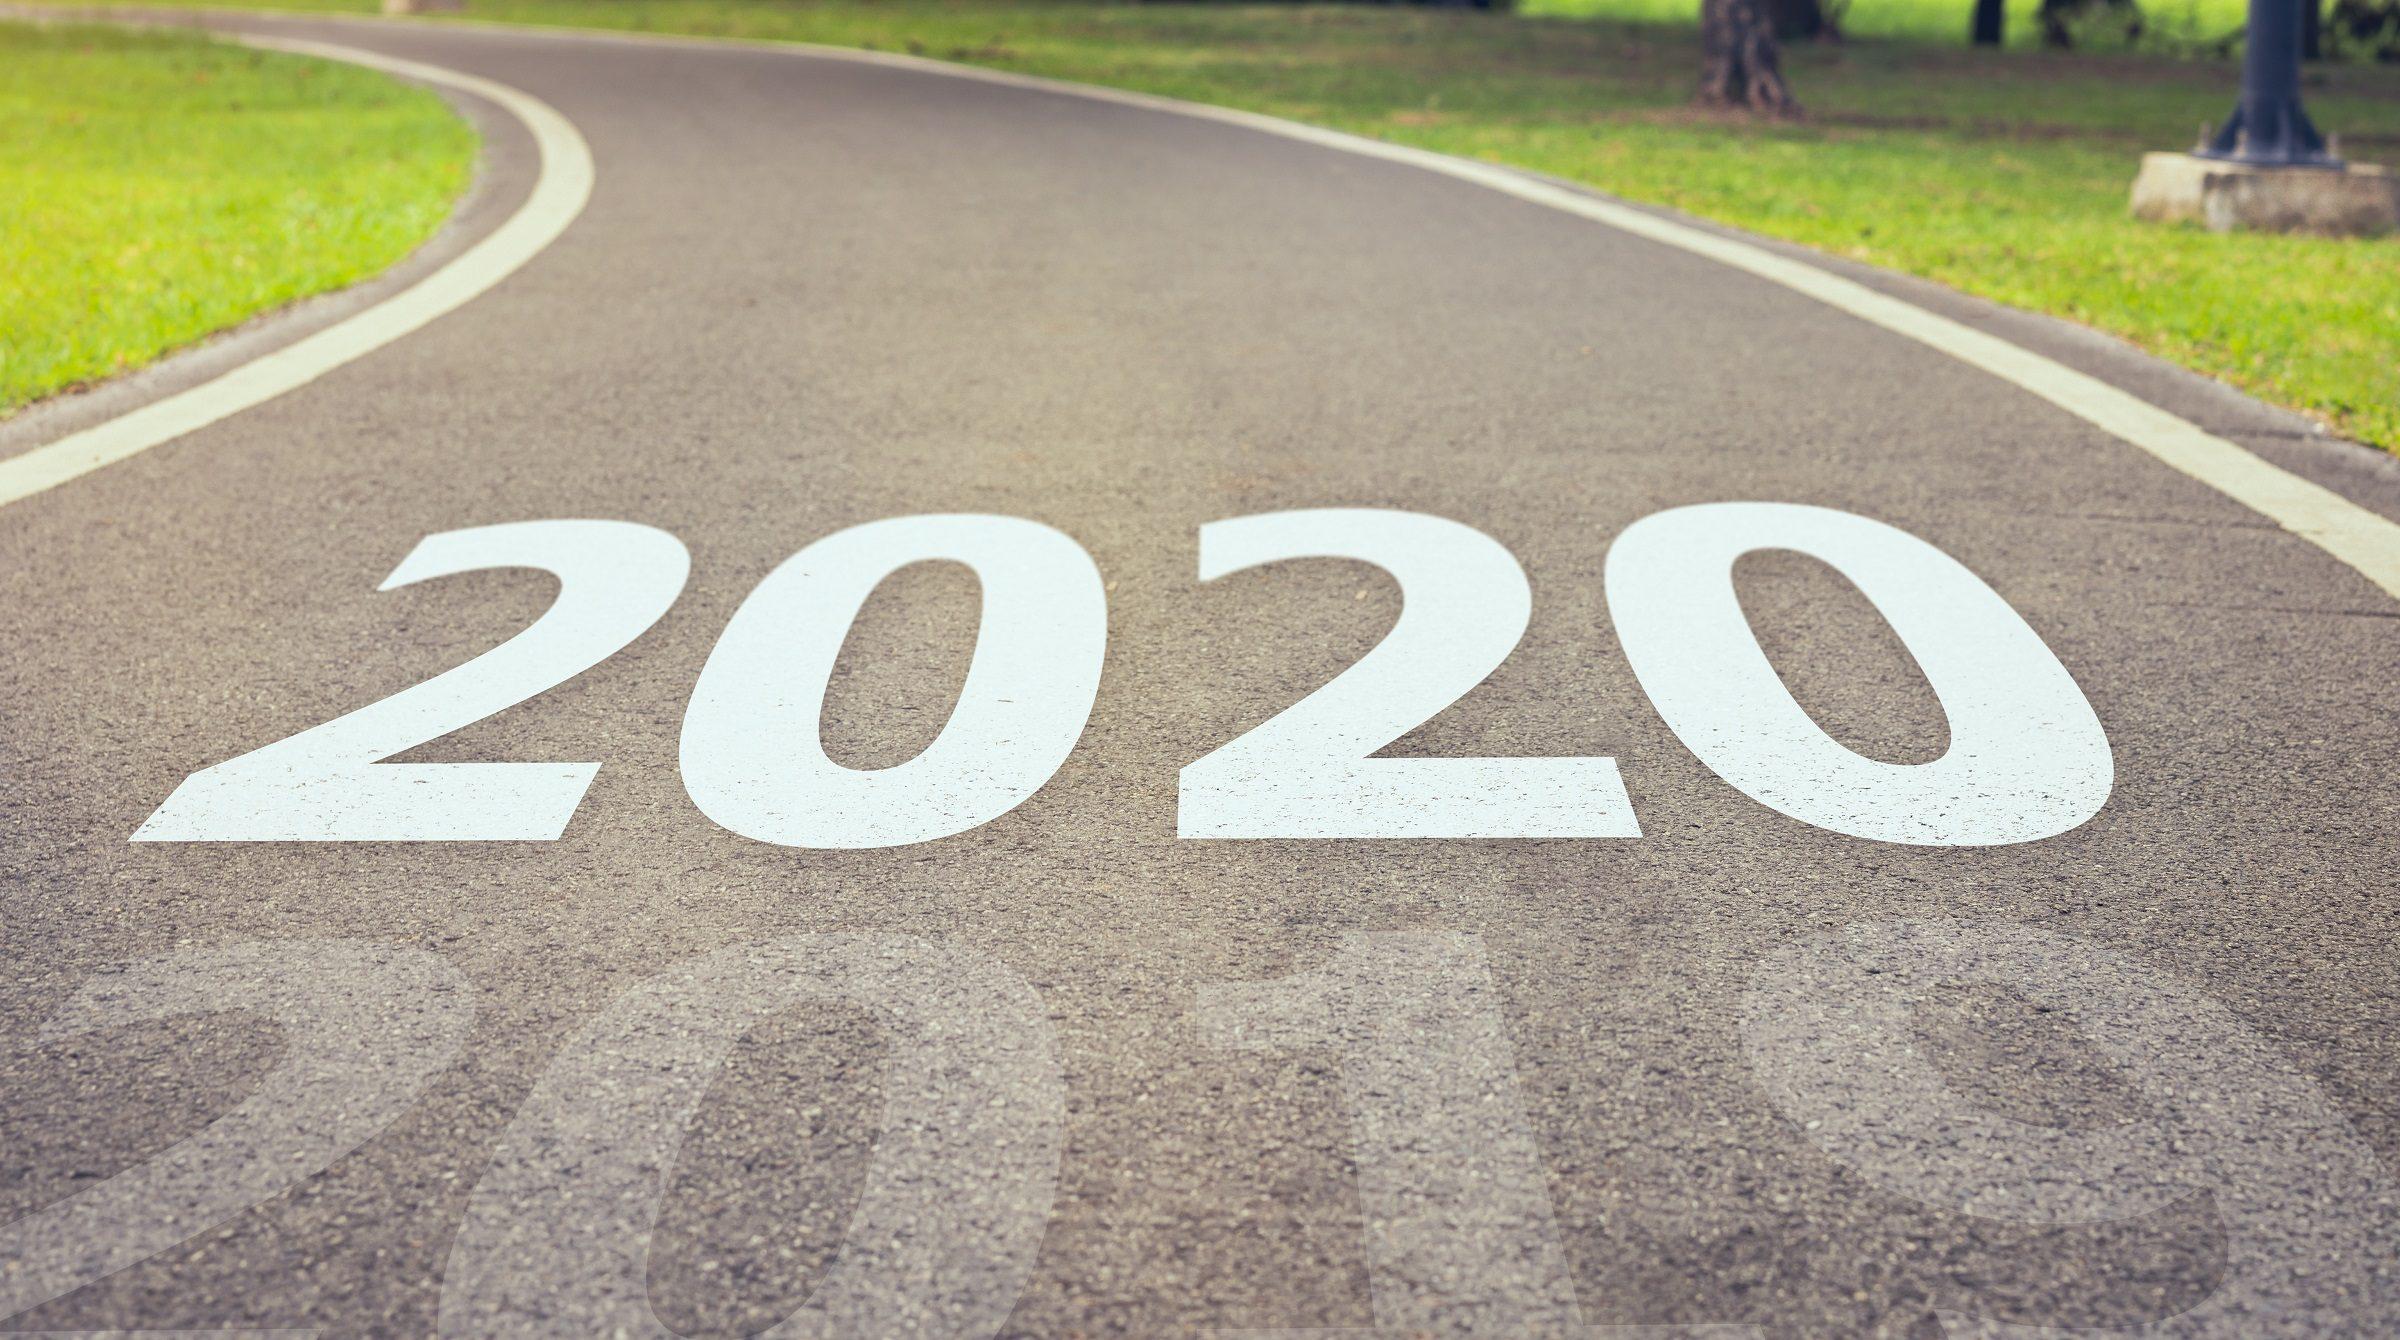 Väg framåt 2020